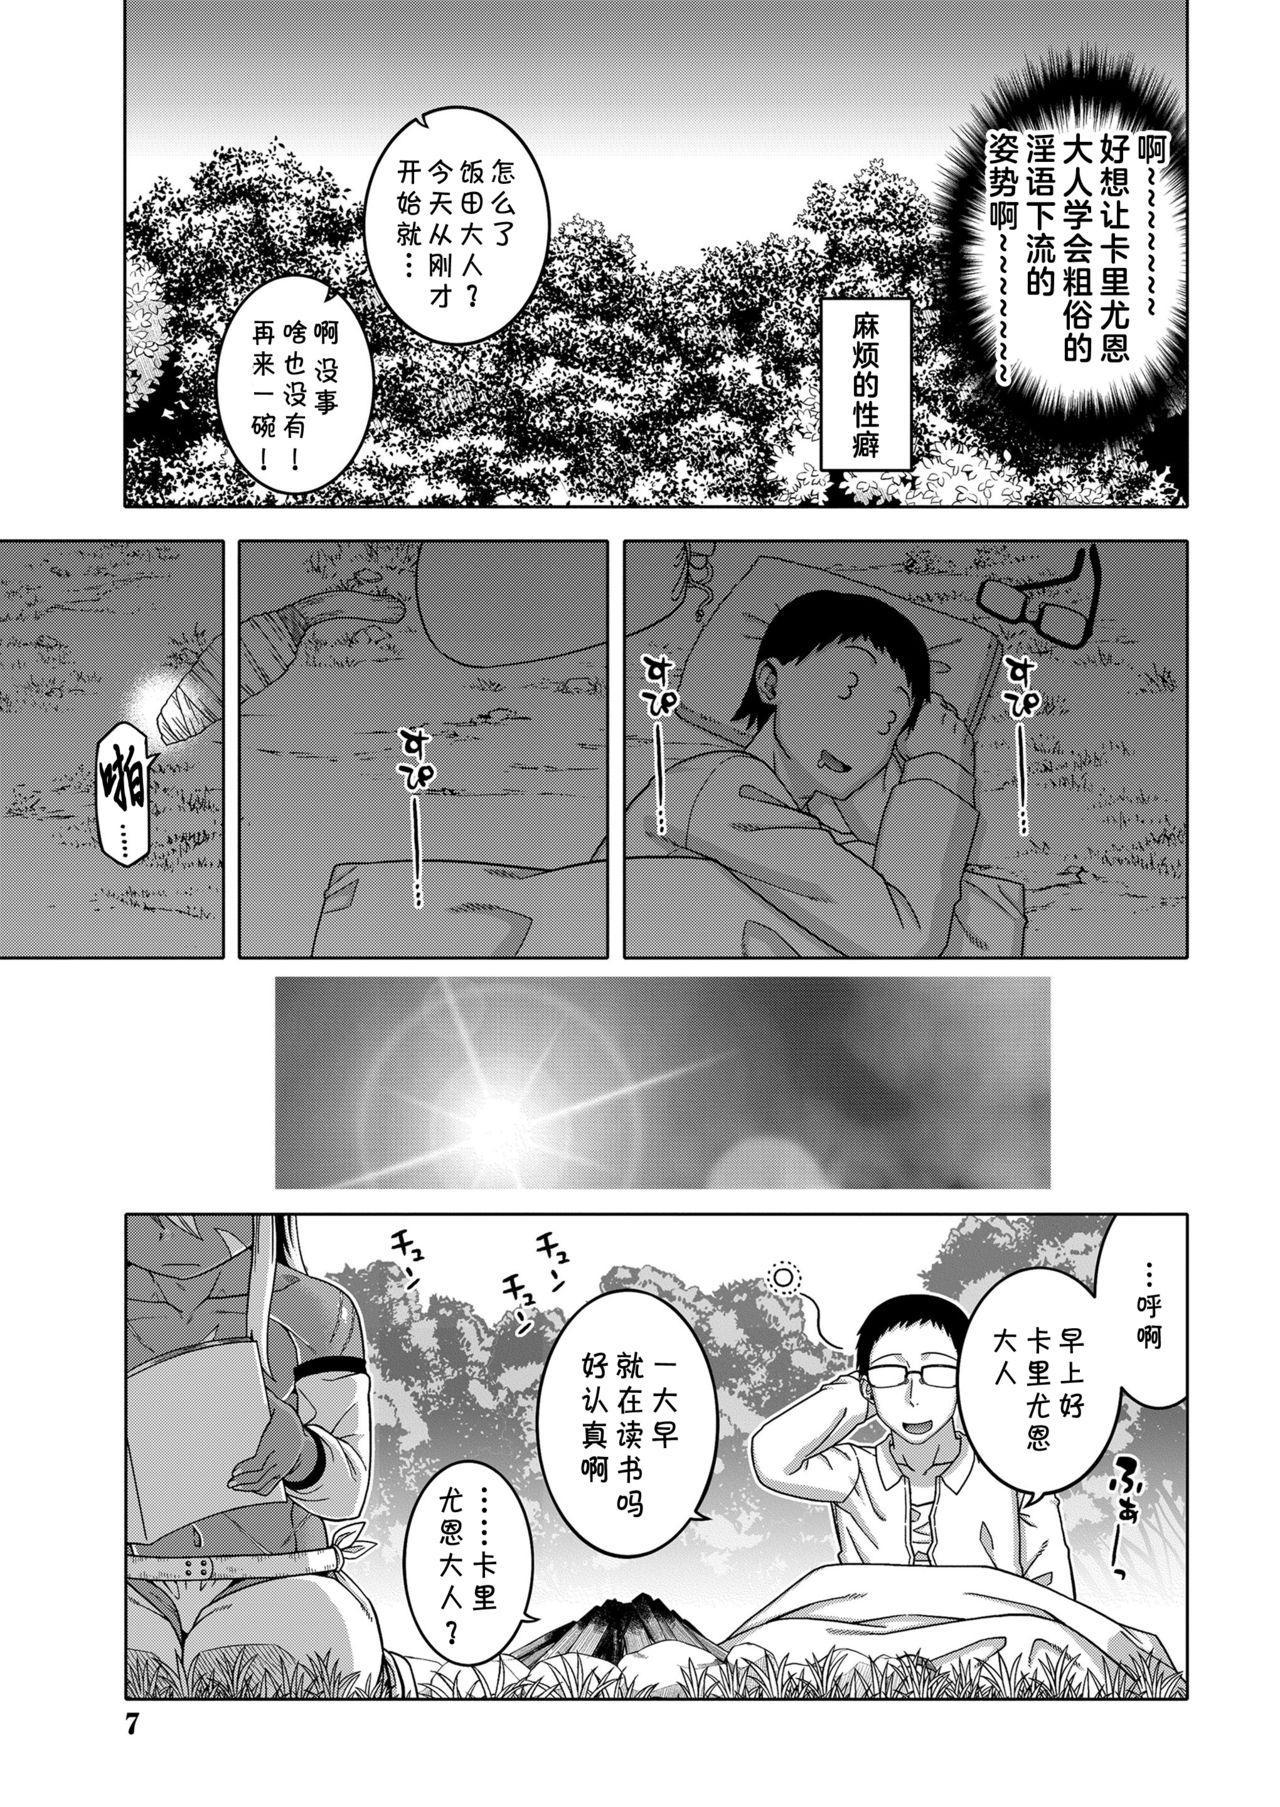 [Takatsu] Isekai de Elf no Yuusha(♂) ga Yome ni Natte Kureru You desu !? Ch.1-2 [Chinese] [theoldestcat汉化] [Digital] 33